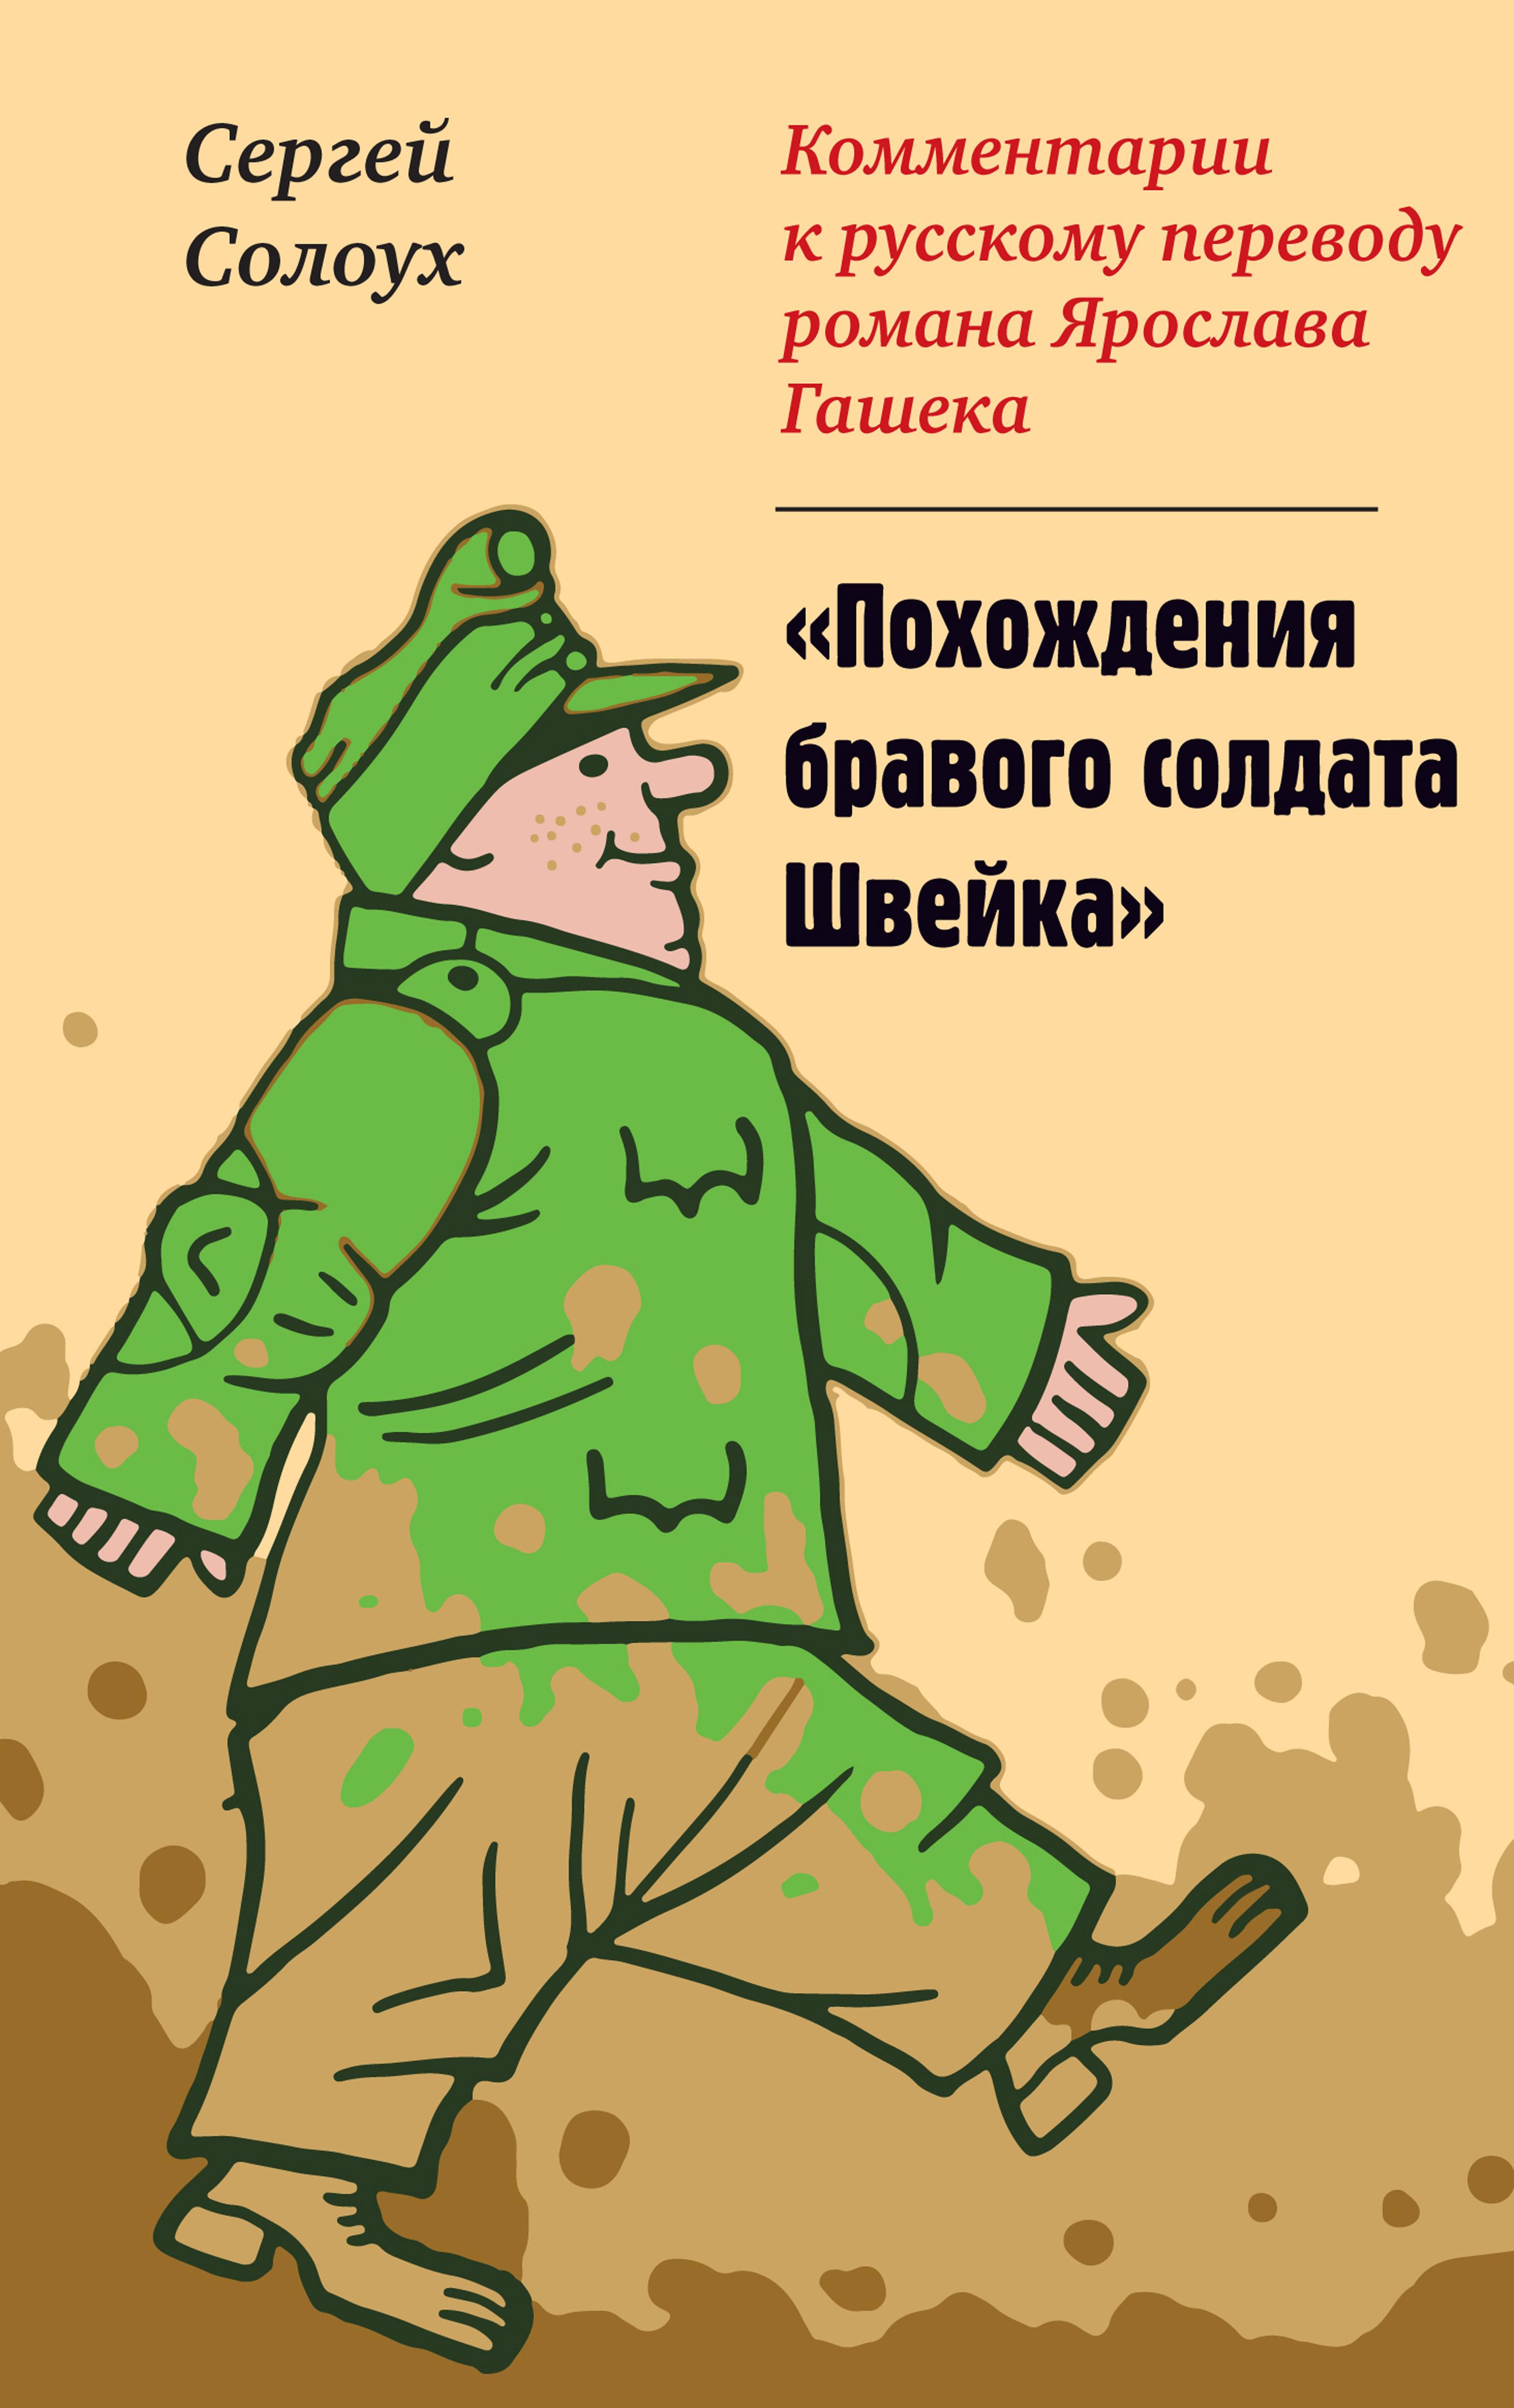 Комментарии к русскому переводу романа Ярослава Гашека «Похождения бравого солдата Швейка»